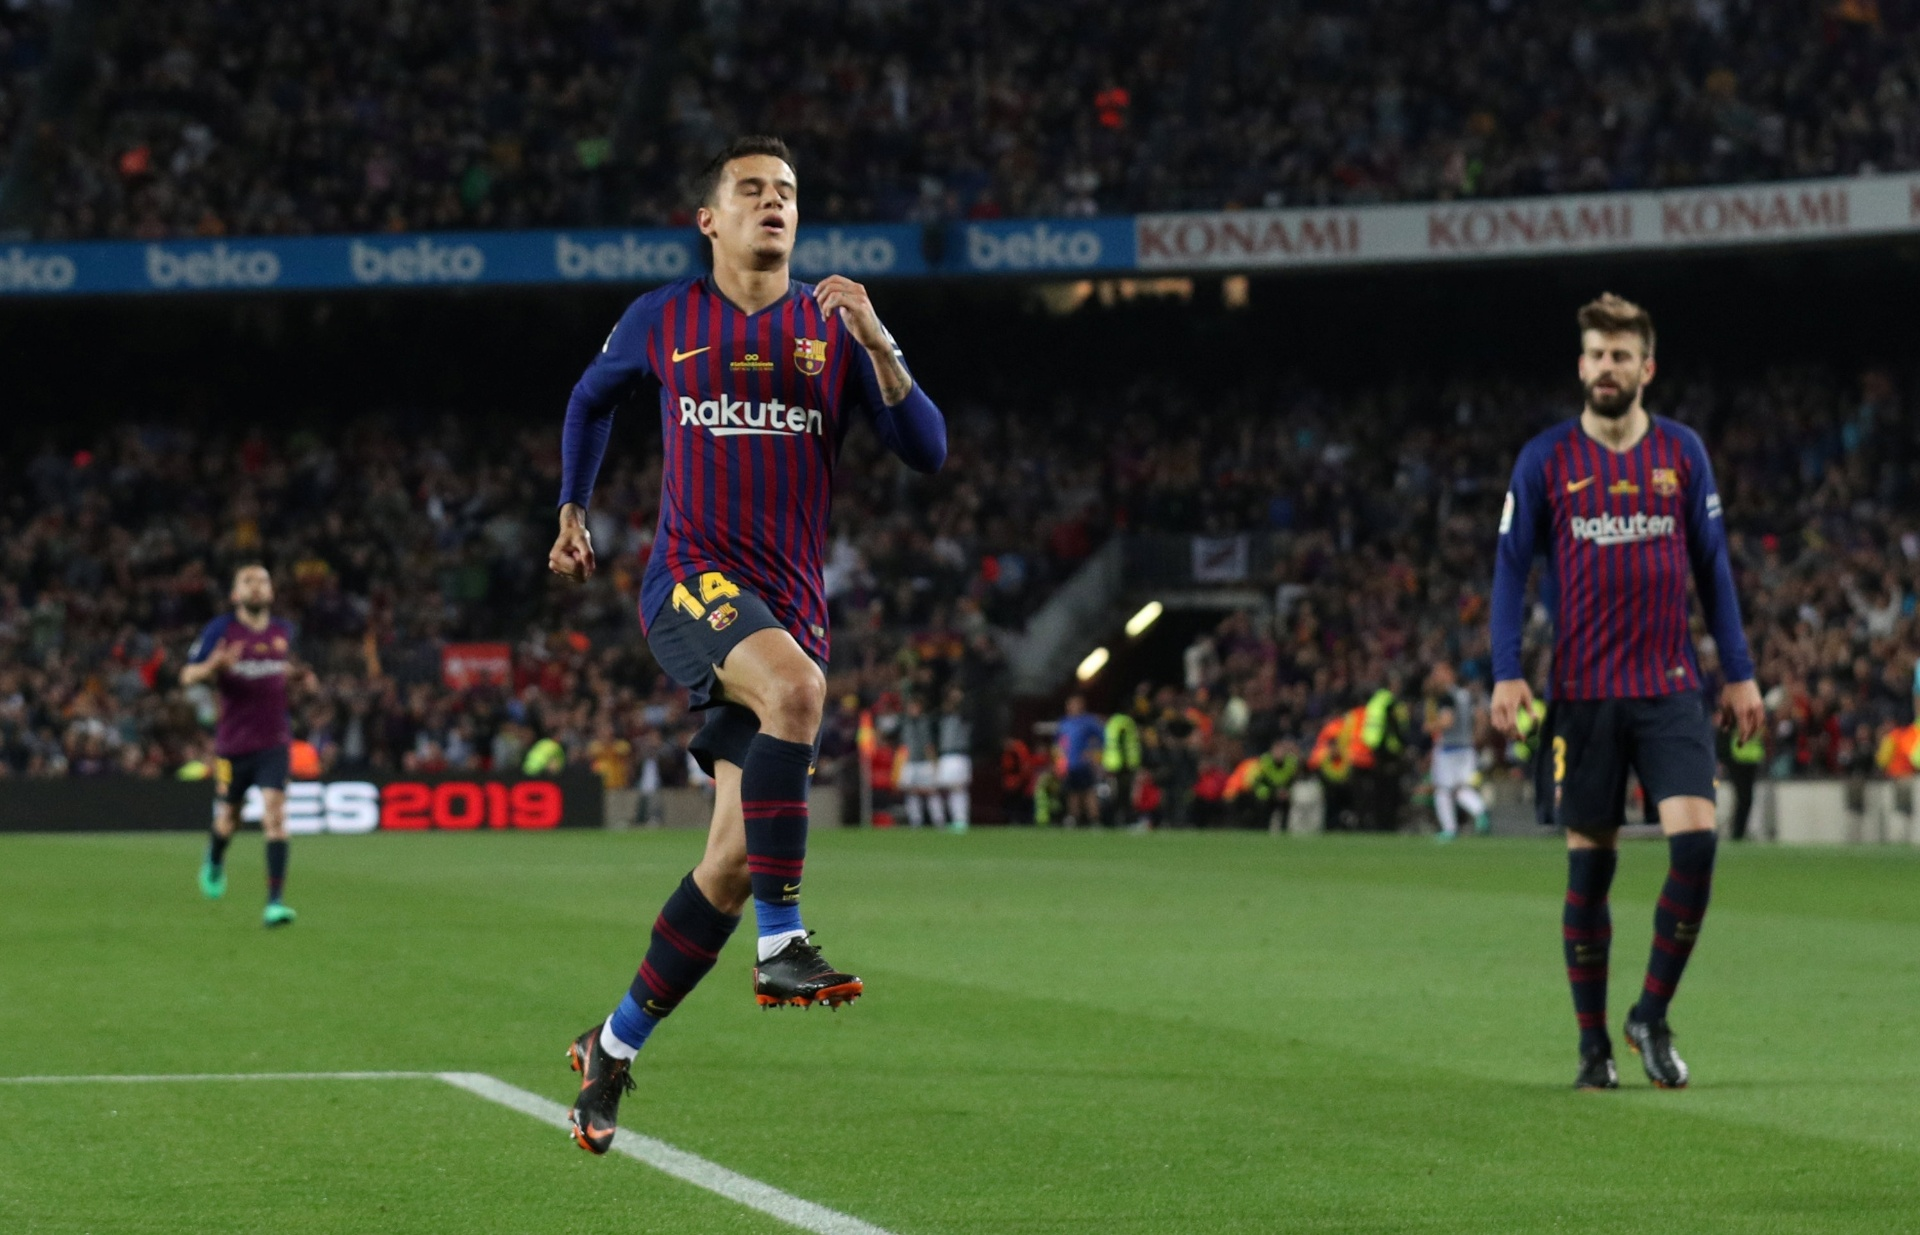 Barcelona deve ter jogo nos Estados Unidos durante Campeonato Espanhol -  Esporte - BOL 97e3529f557e2